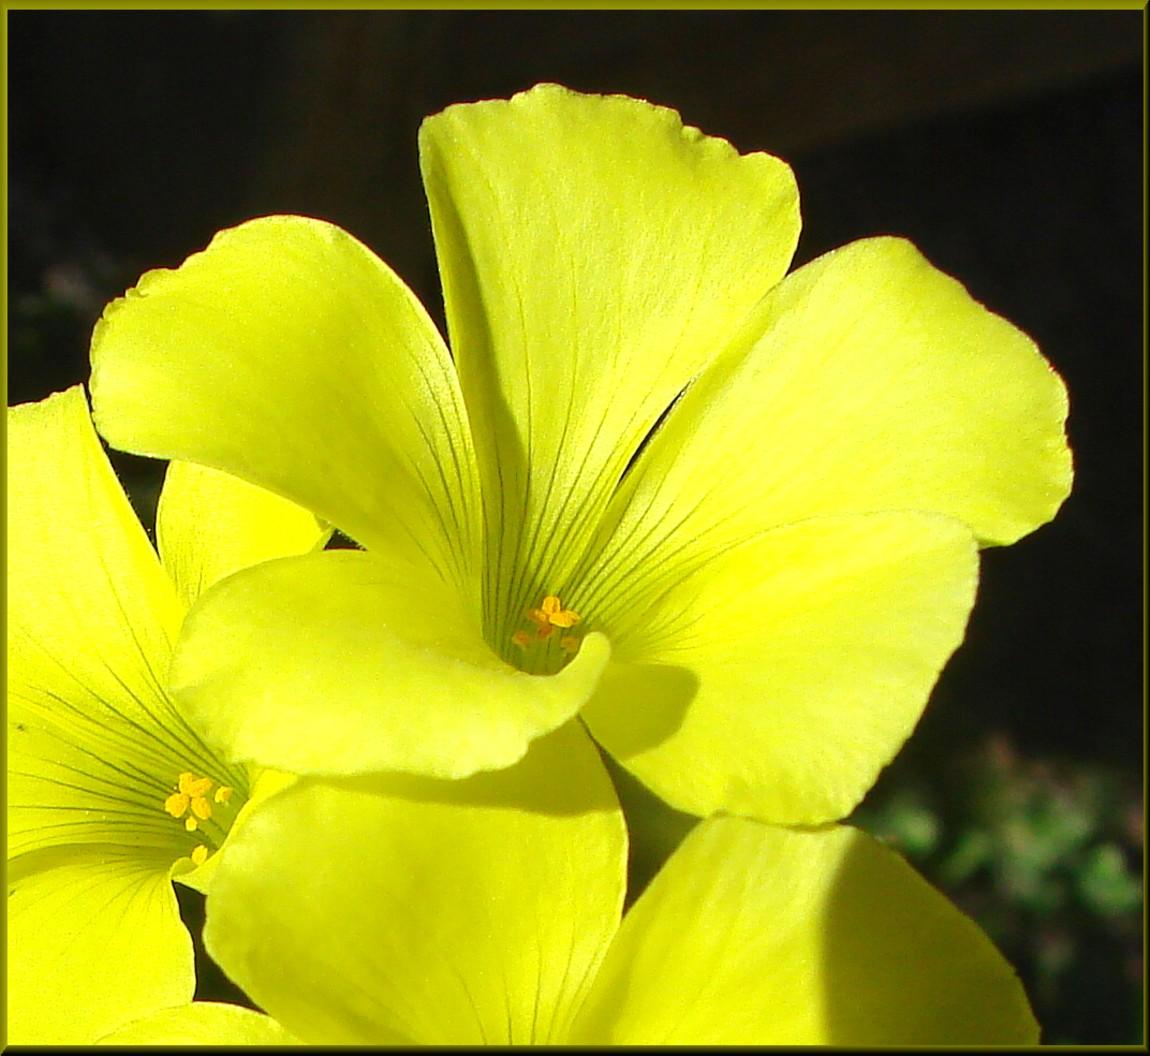 Fileyellow Clover Flower Home 3 10 13c 8552626178g